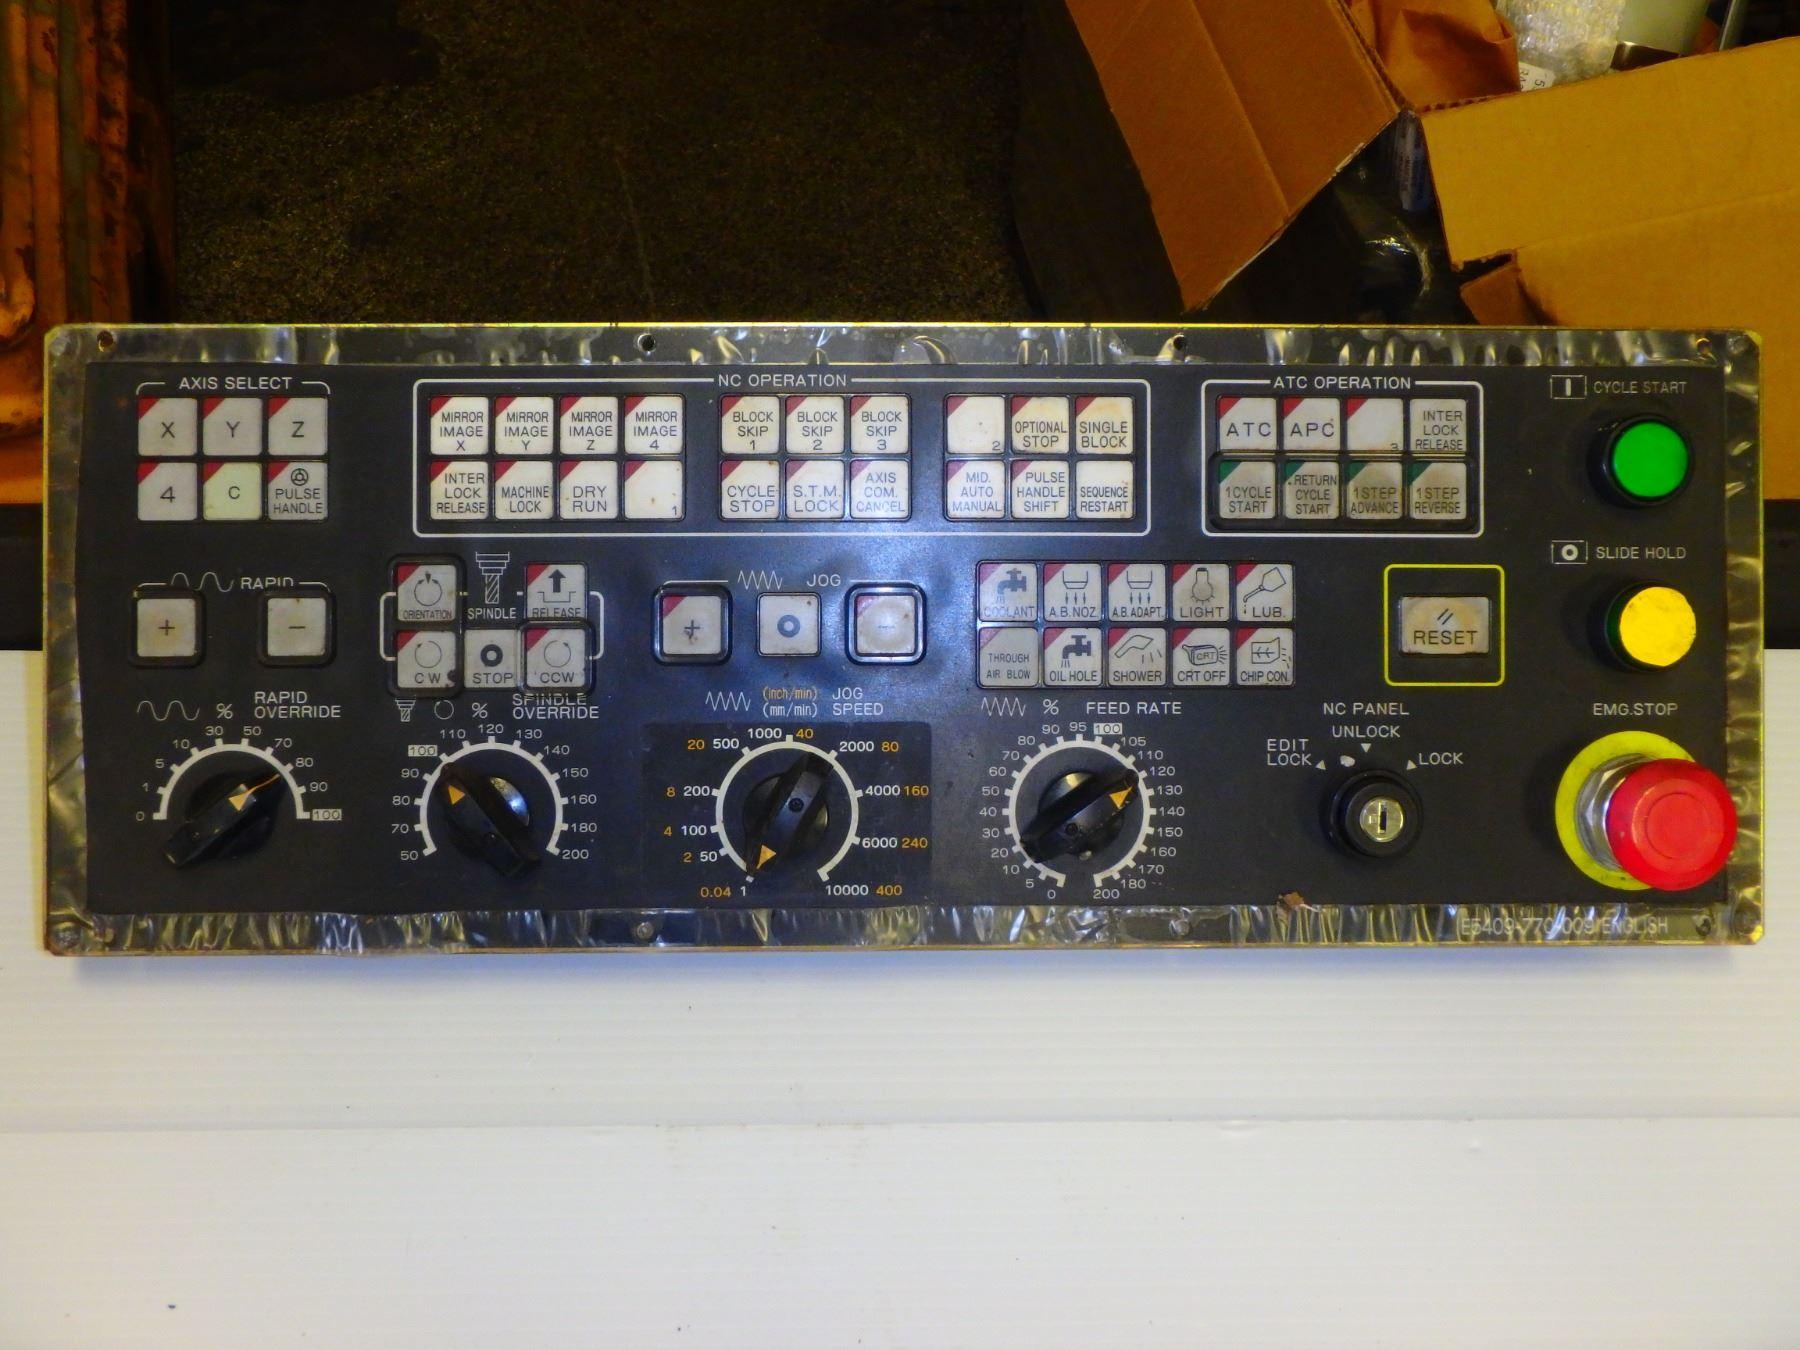 OKUMA E5409-770-009 OPERATOR PANEL